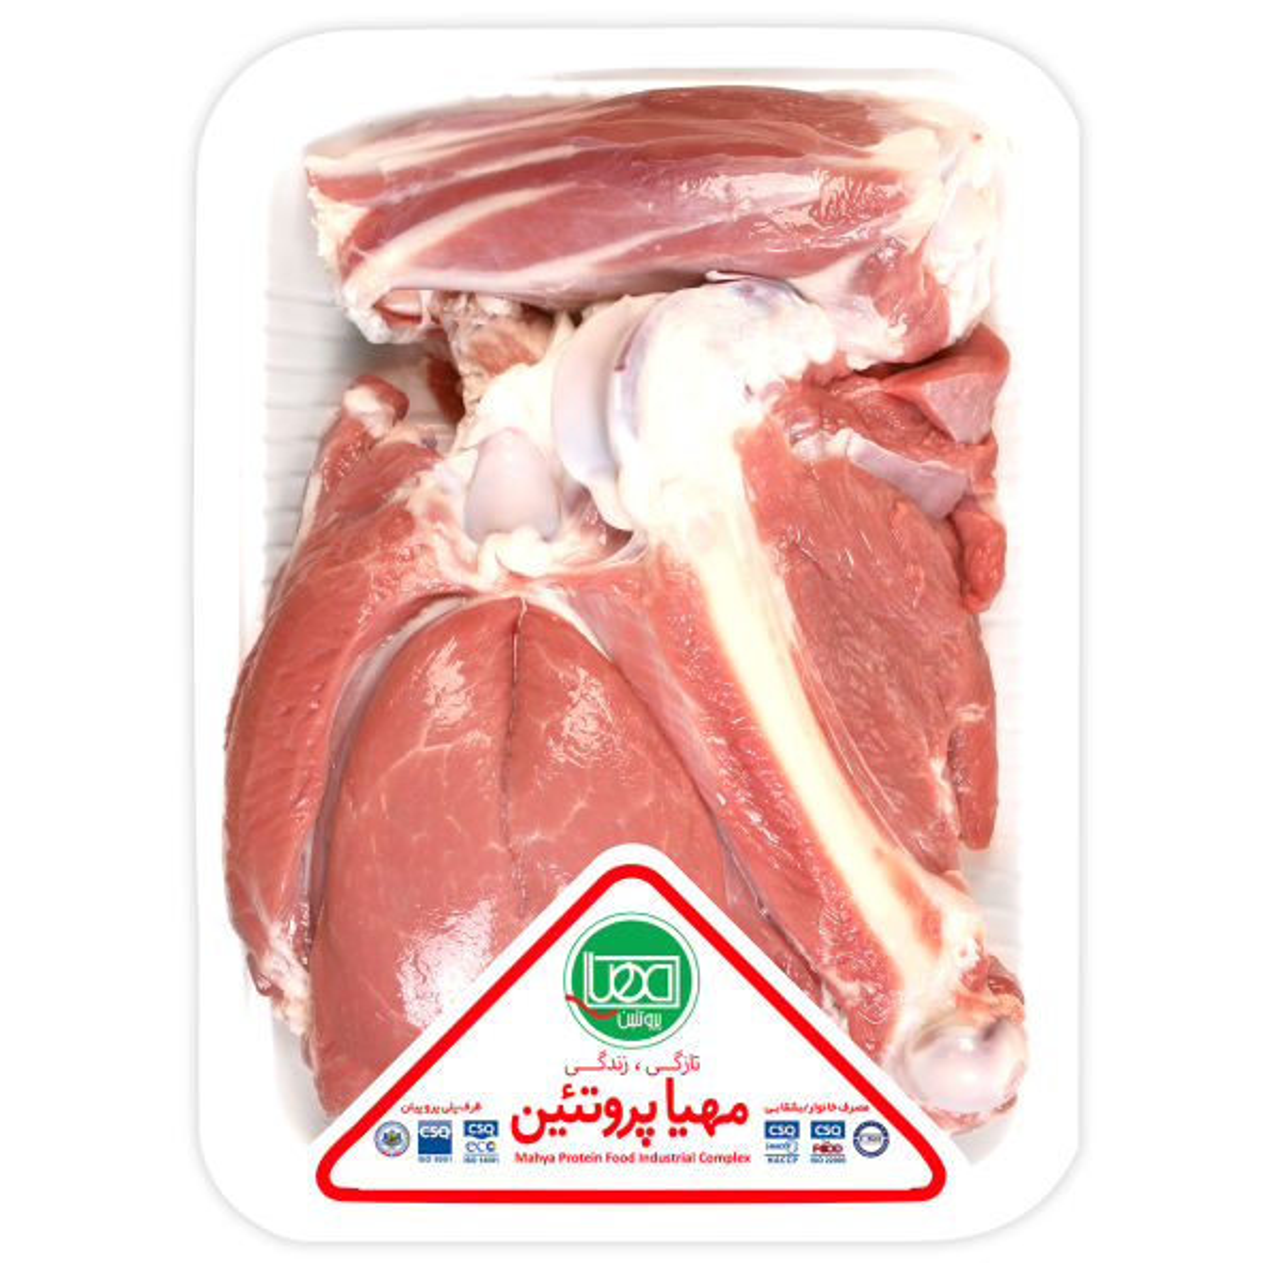 ران گوسفندی داخلی مهیا پروتئین مقدار 2 کیلوگرم